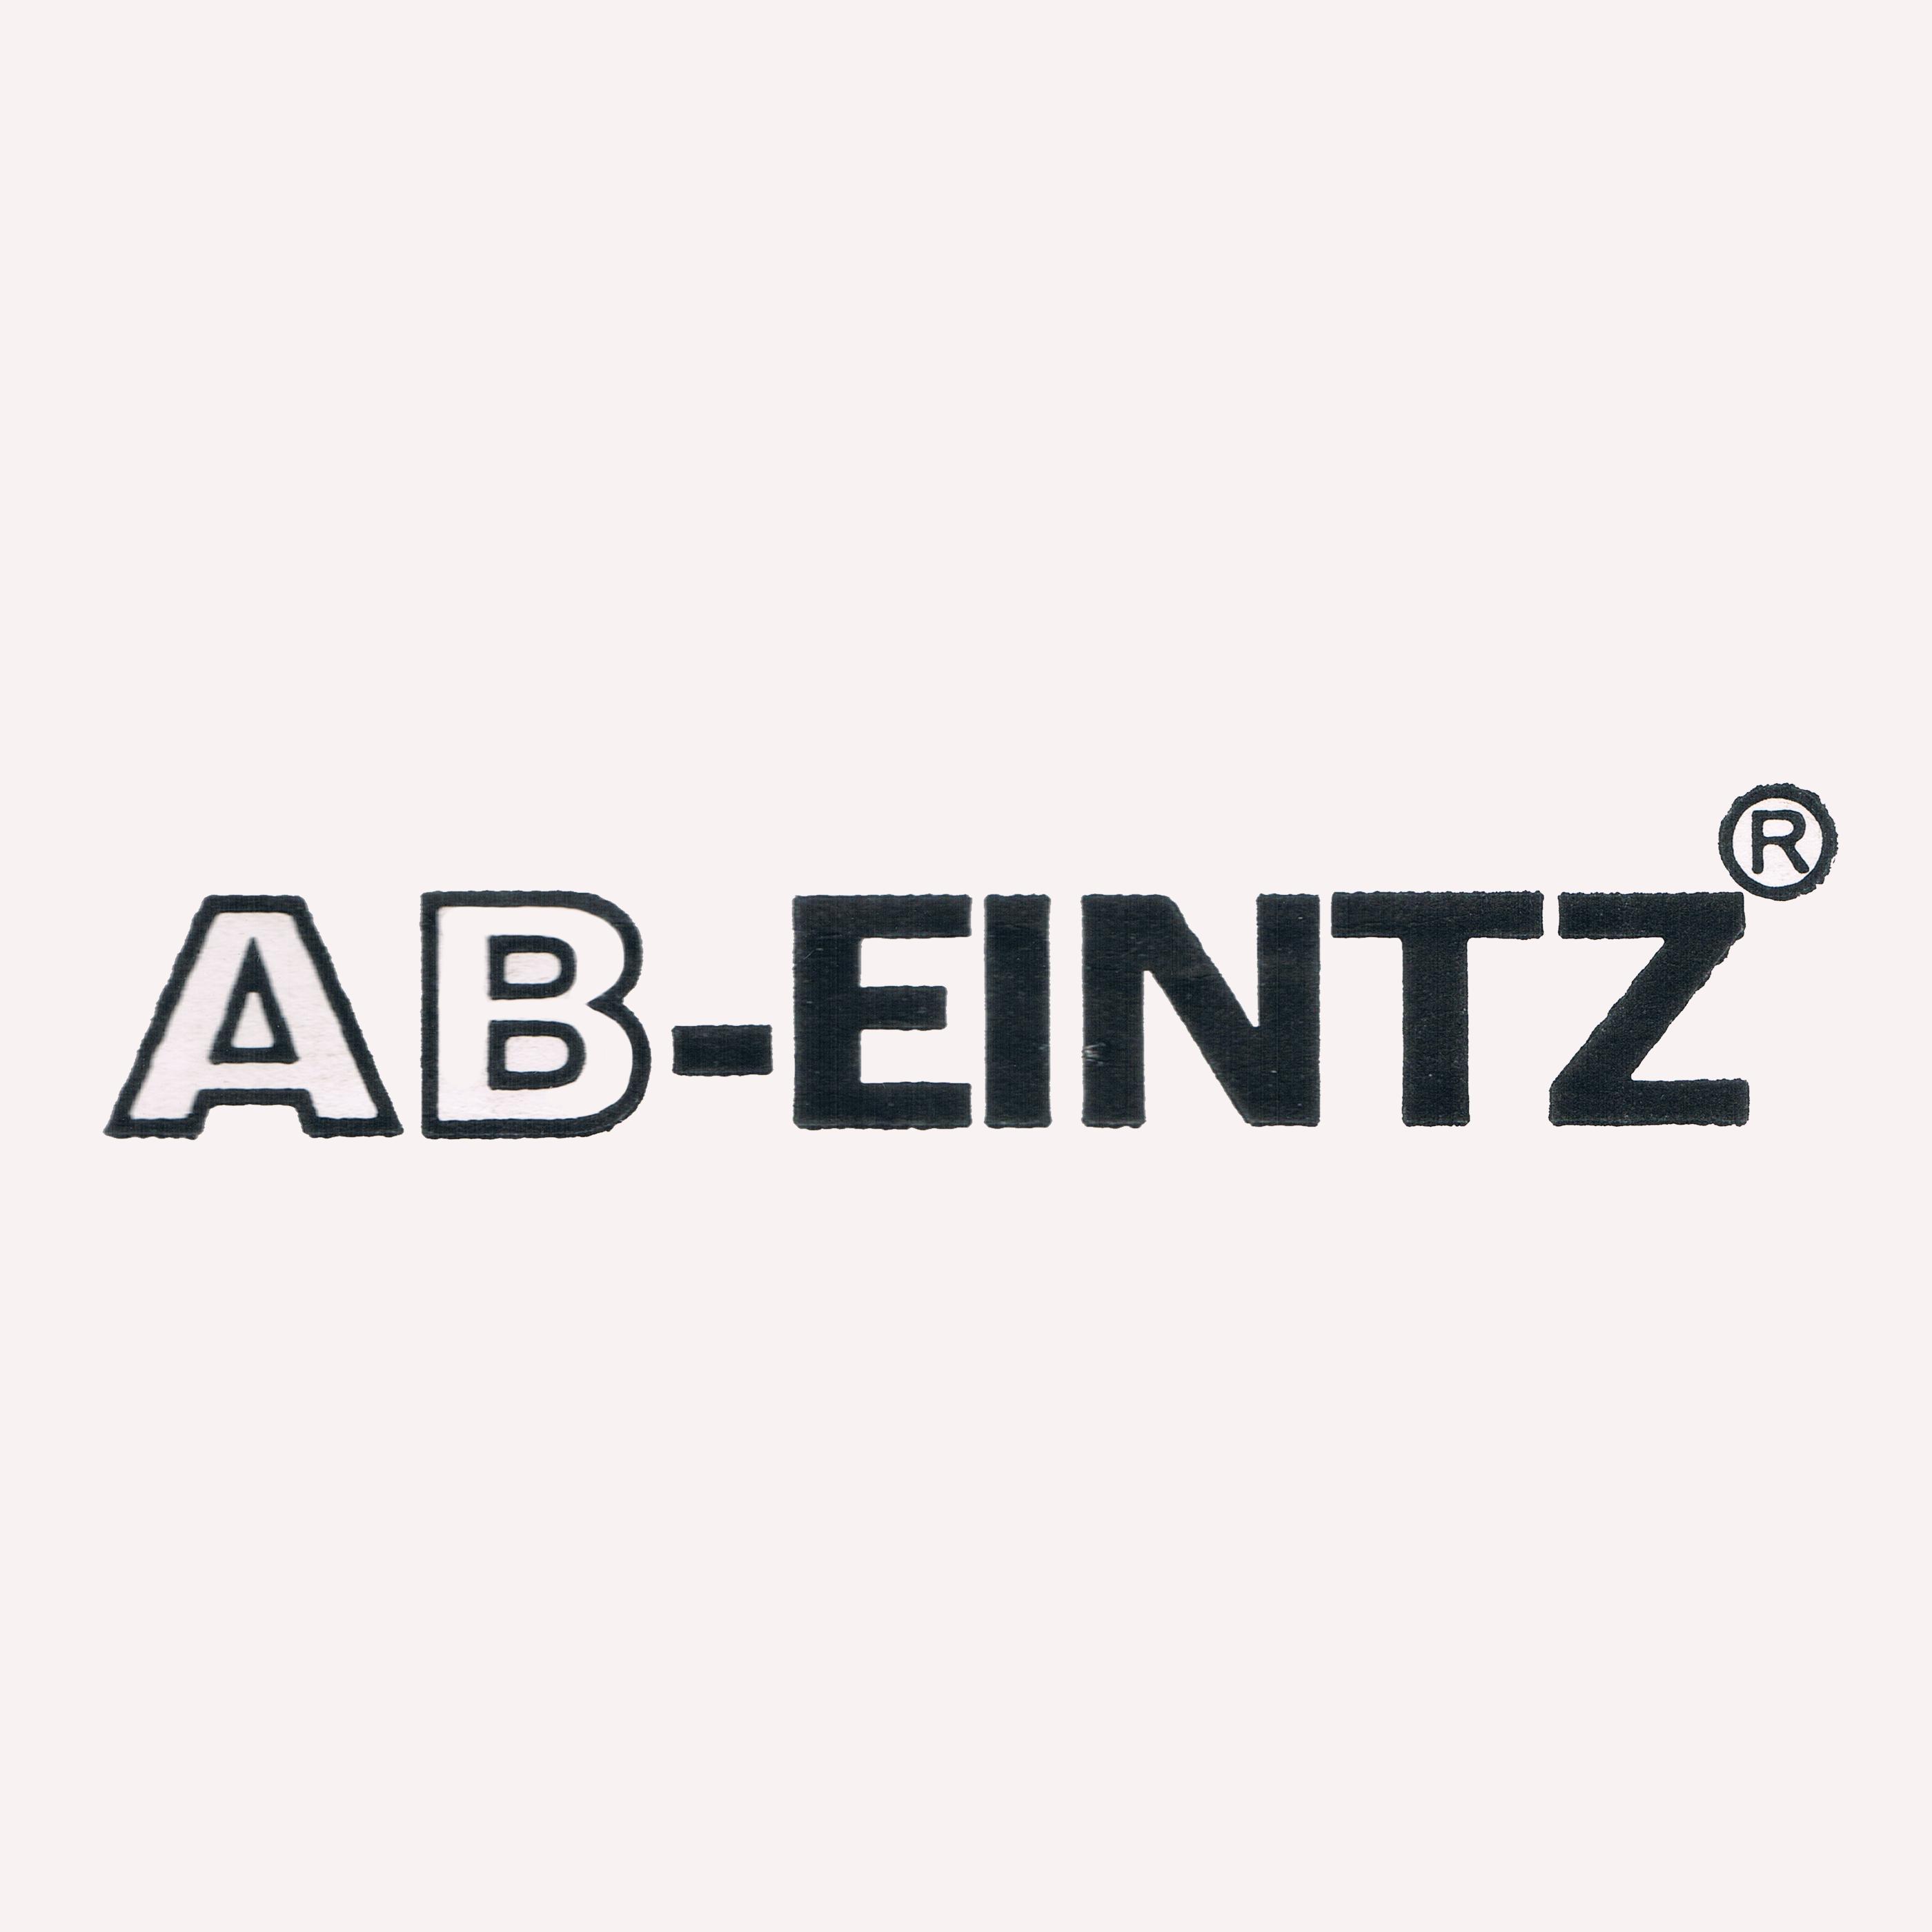 AB-Eintz